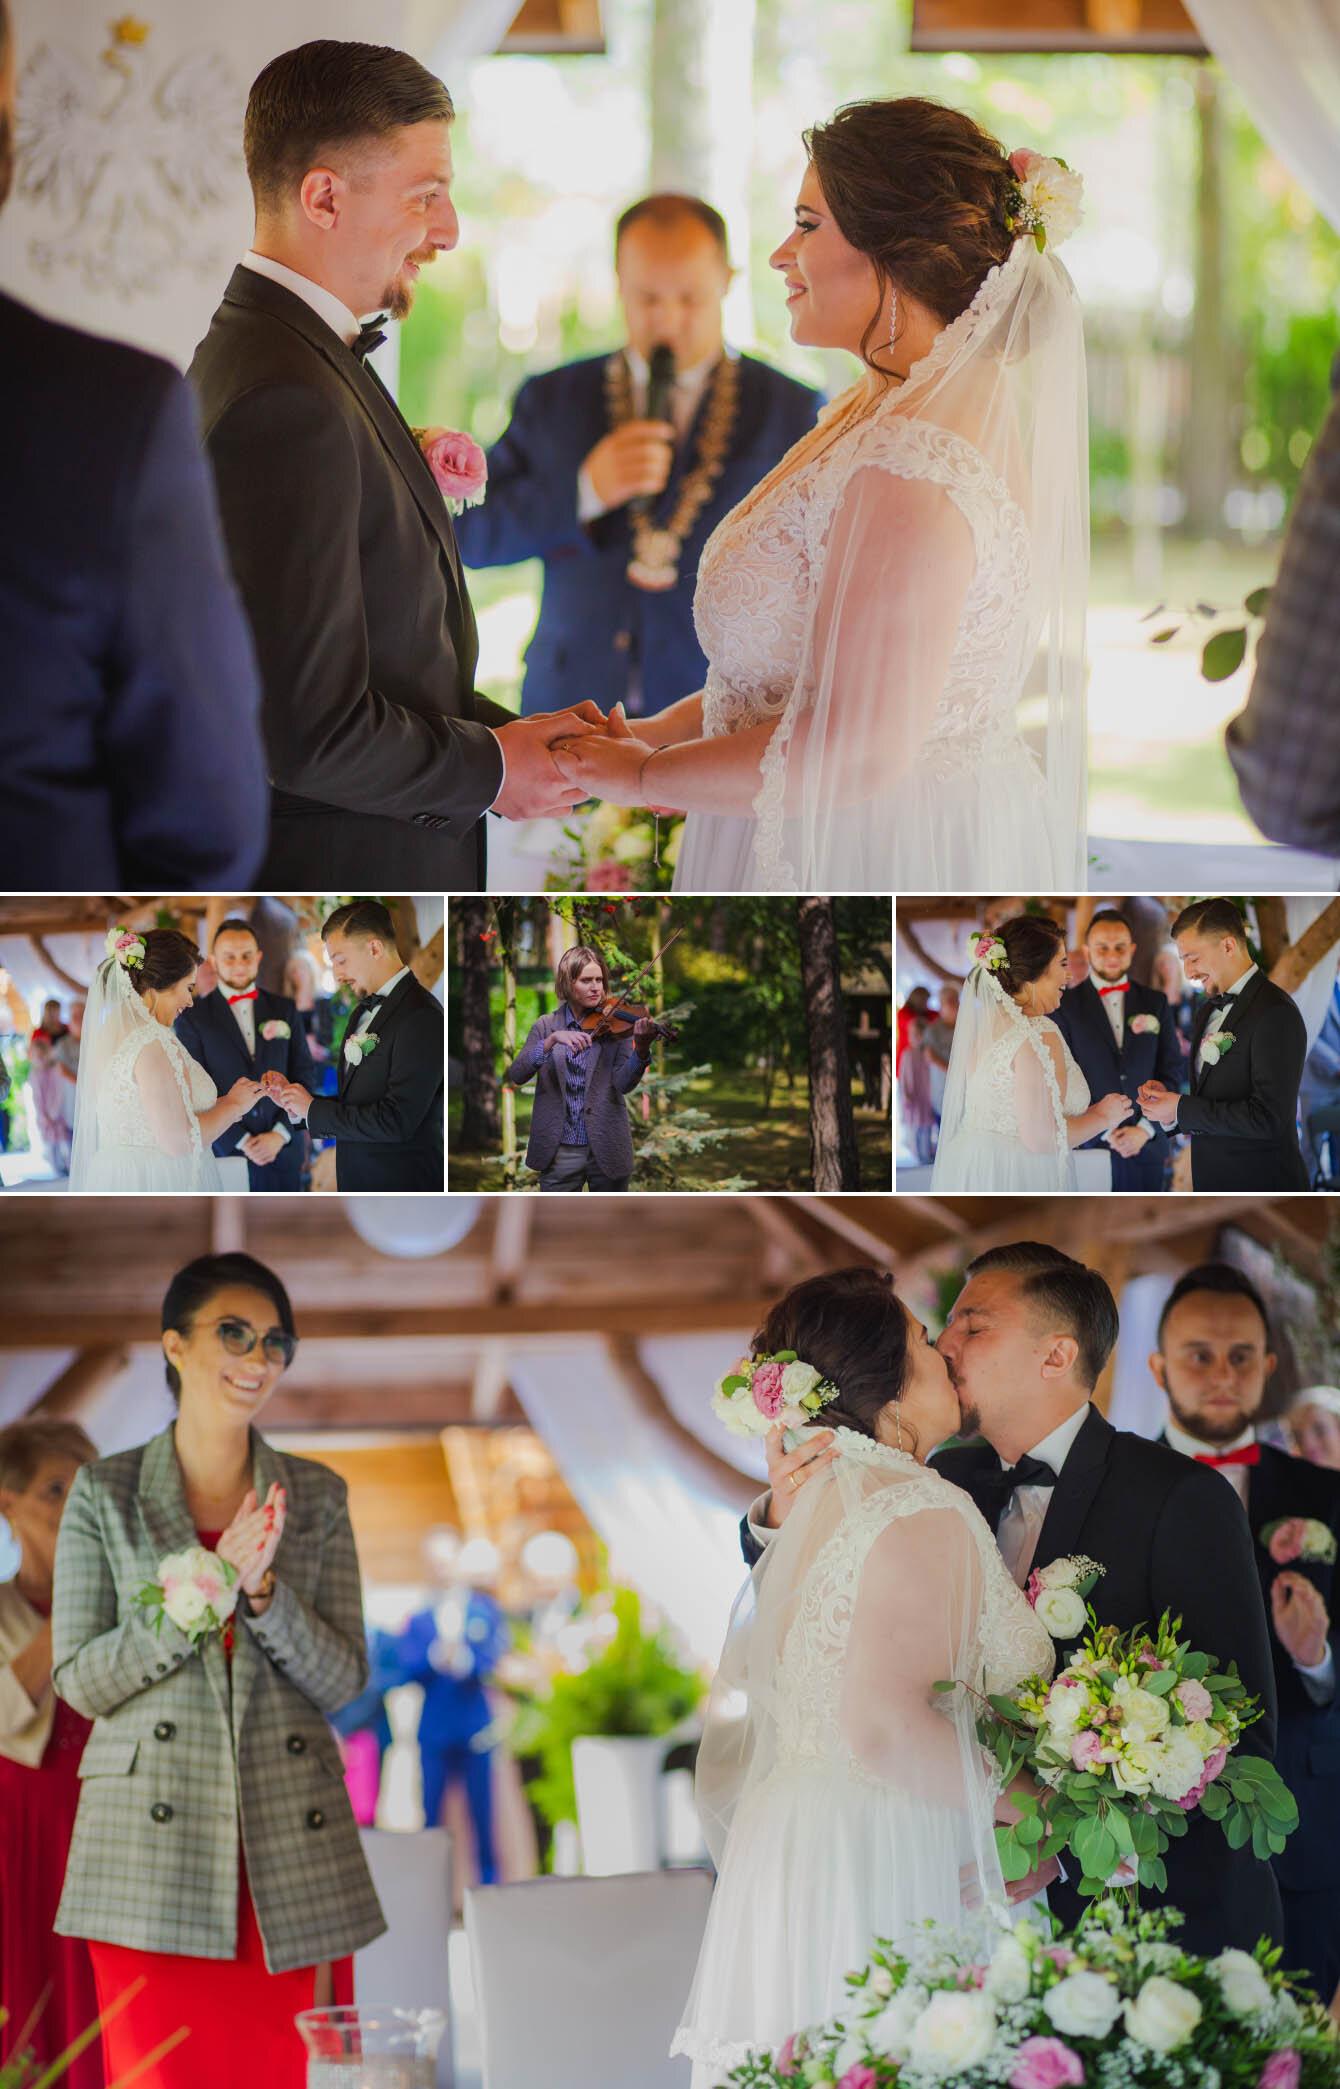 Fotografie ślubne Marka i Angeliki w domu weselnym pod Grzybkiem fotograf Bartek Wyrobek  18.jpg